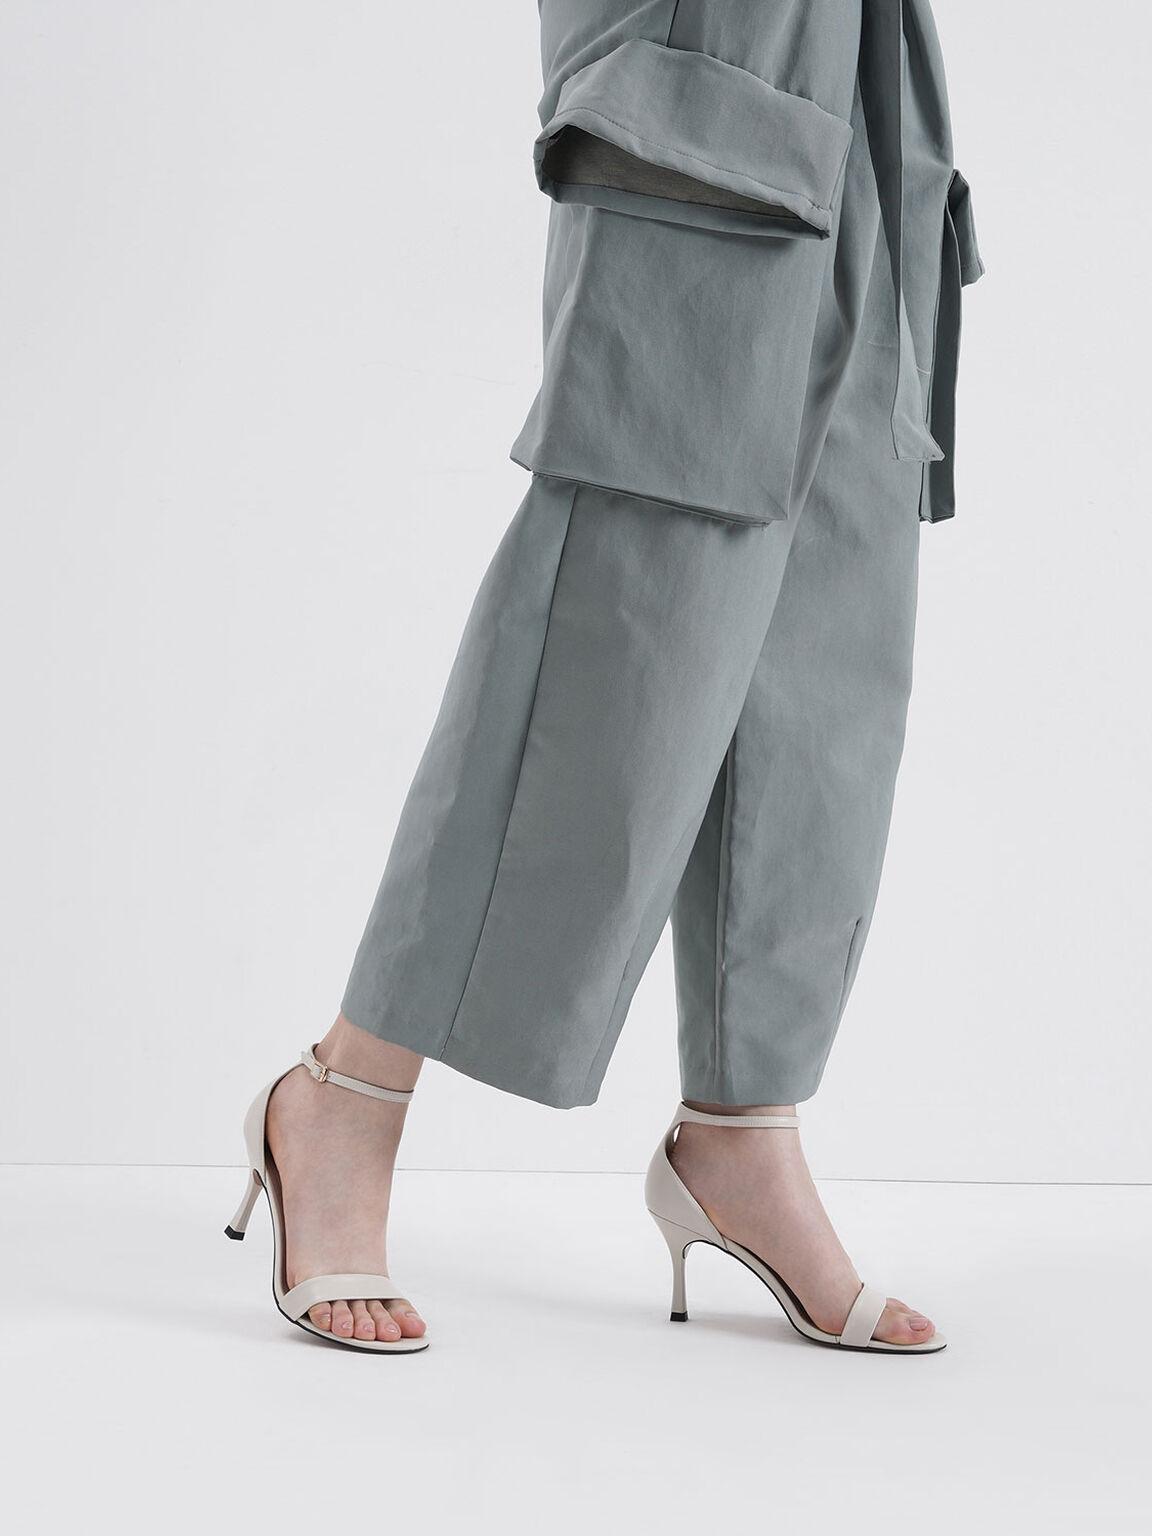 Ankle Strap Heels, Chalk, hi-res